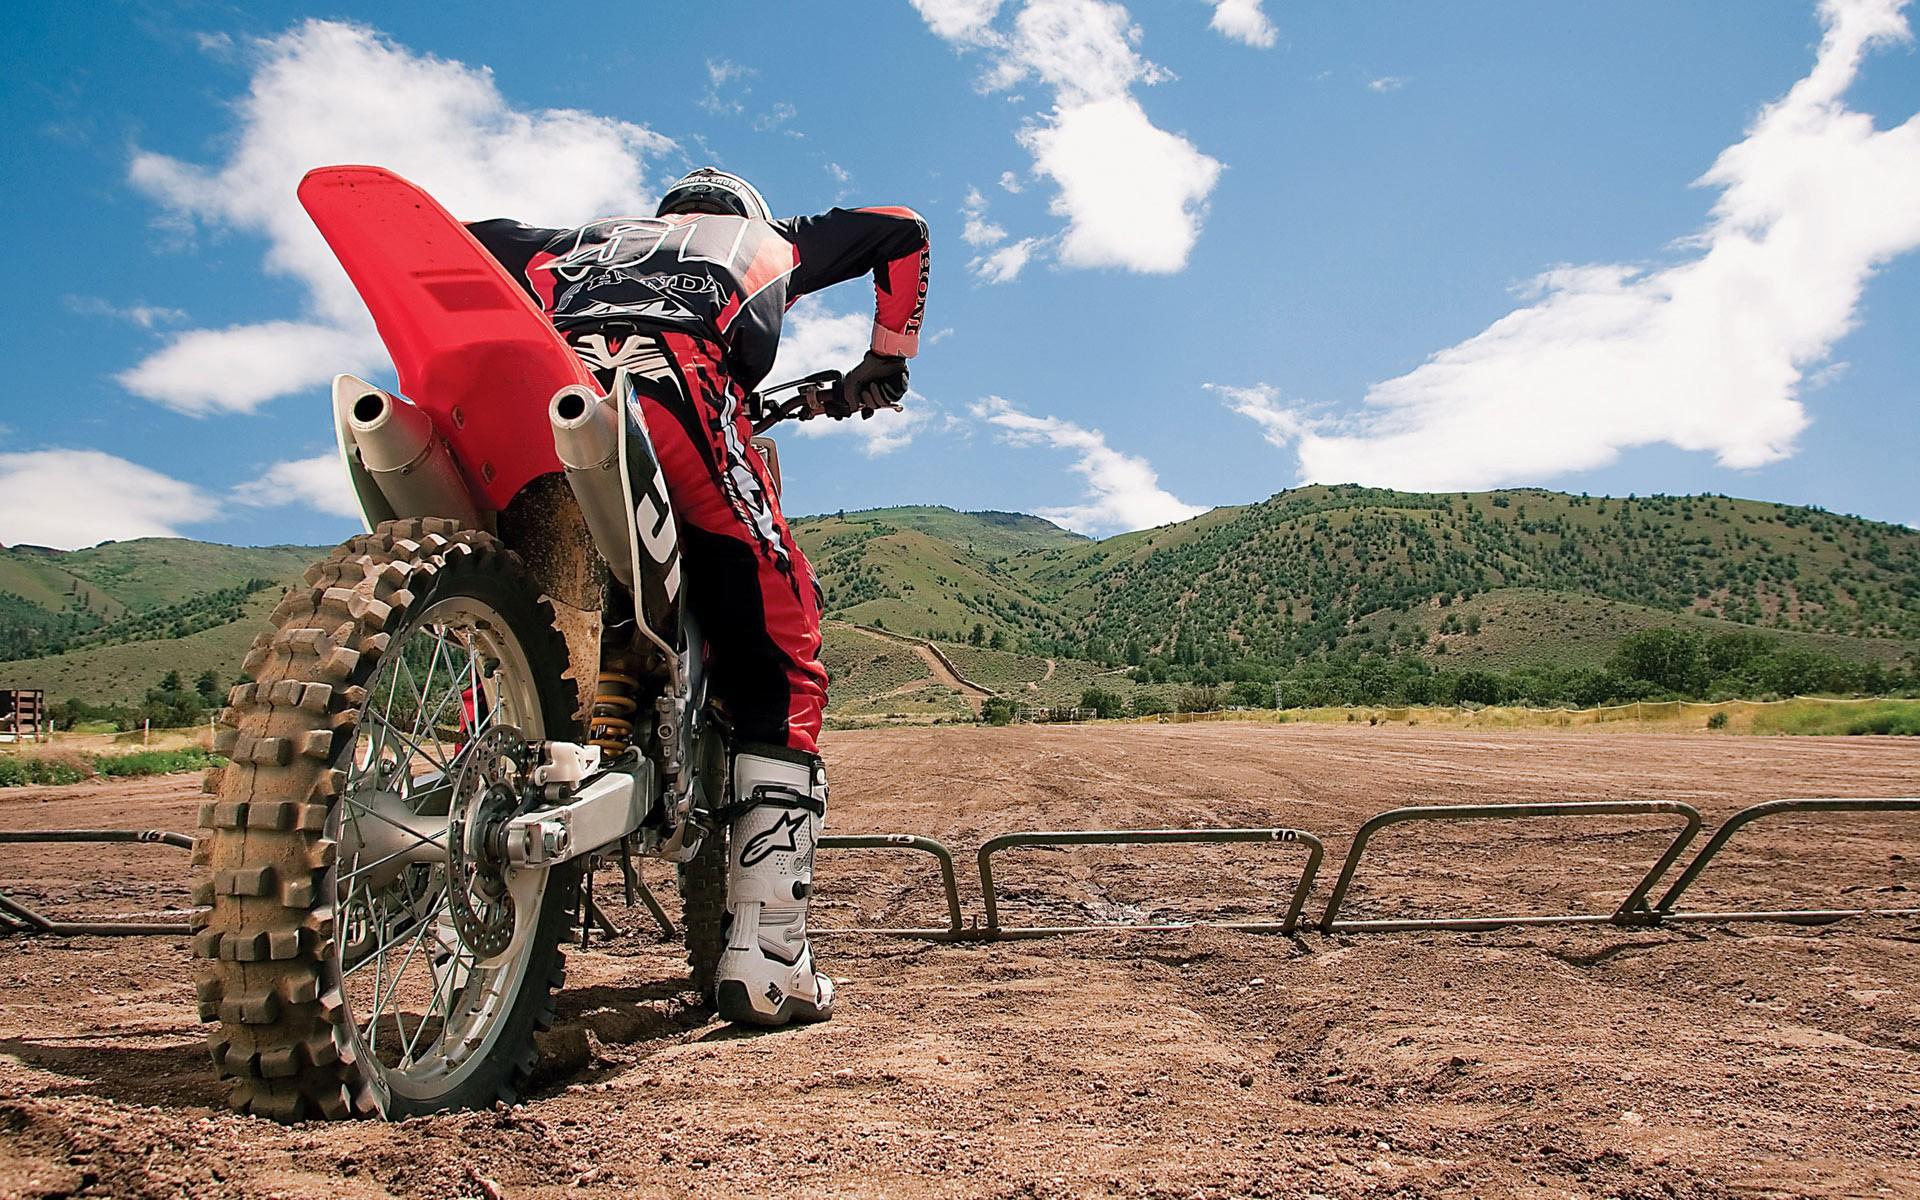 Un motociclista con una cross - 1920x1200